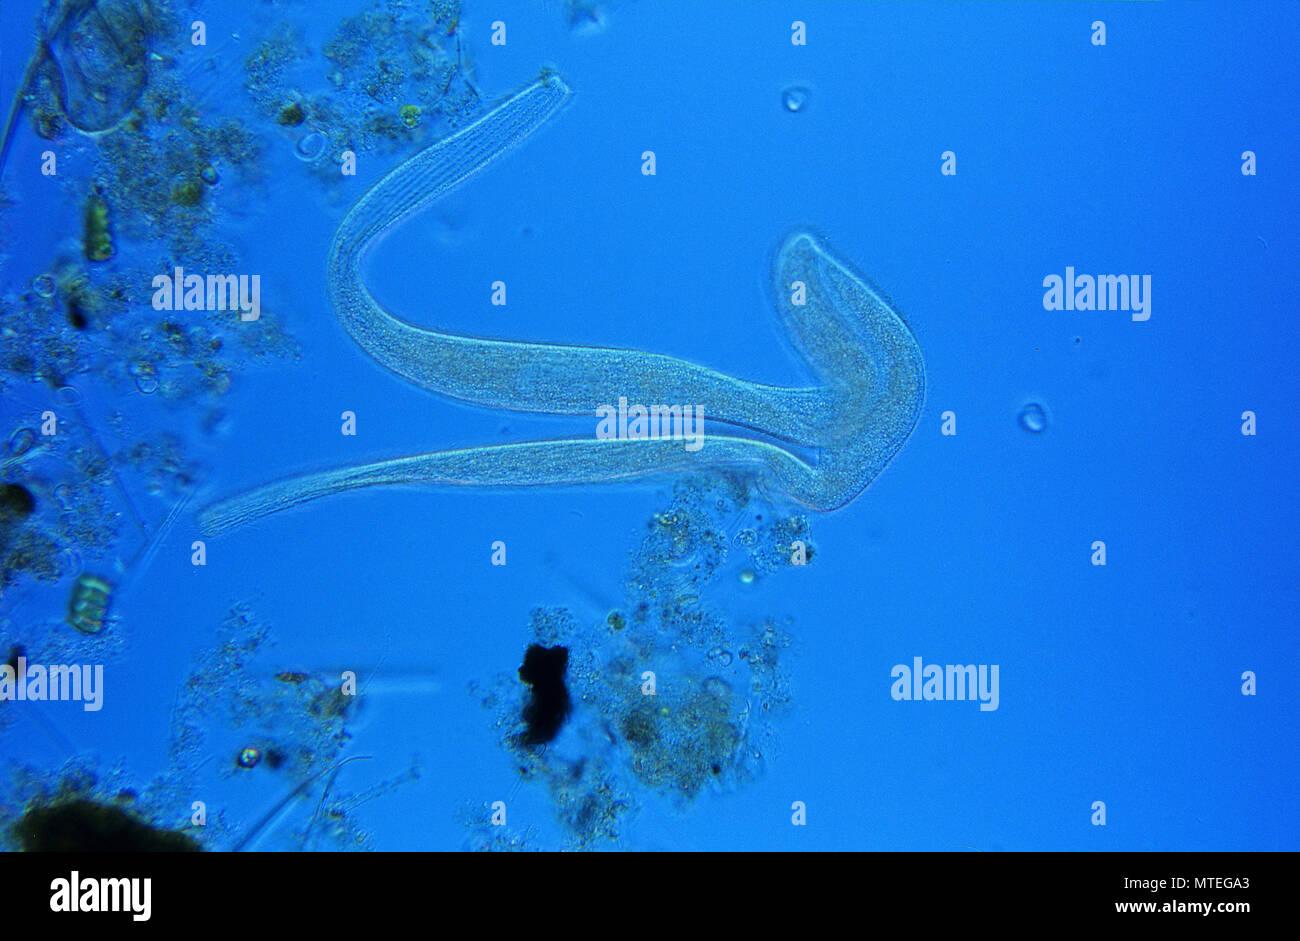 Conjugation.Cell division.Ciliata.Protozoan.Optic microscopy - Stock Image